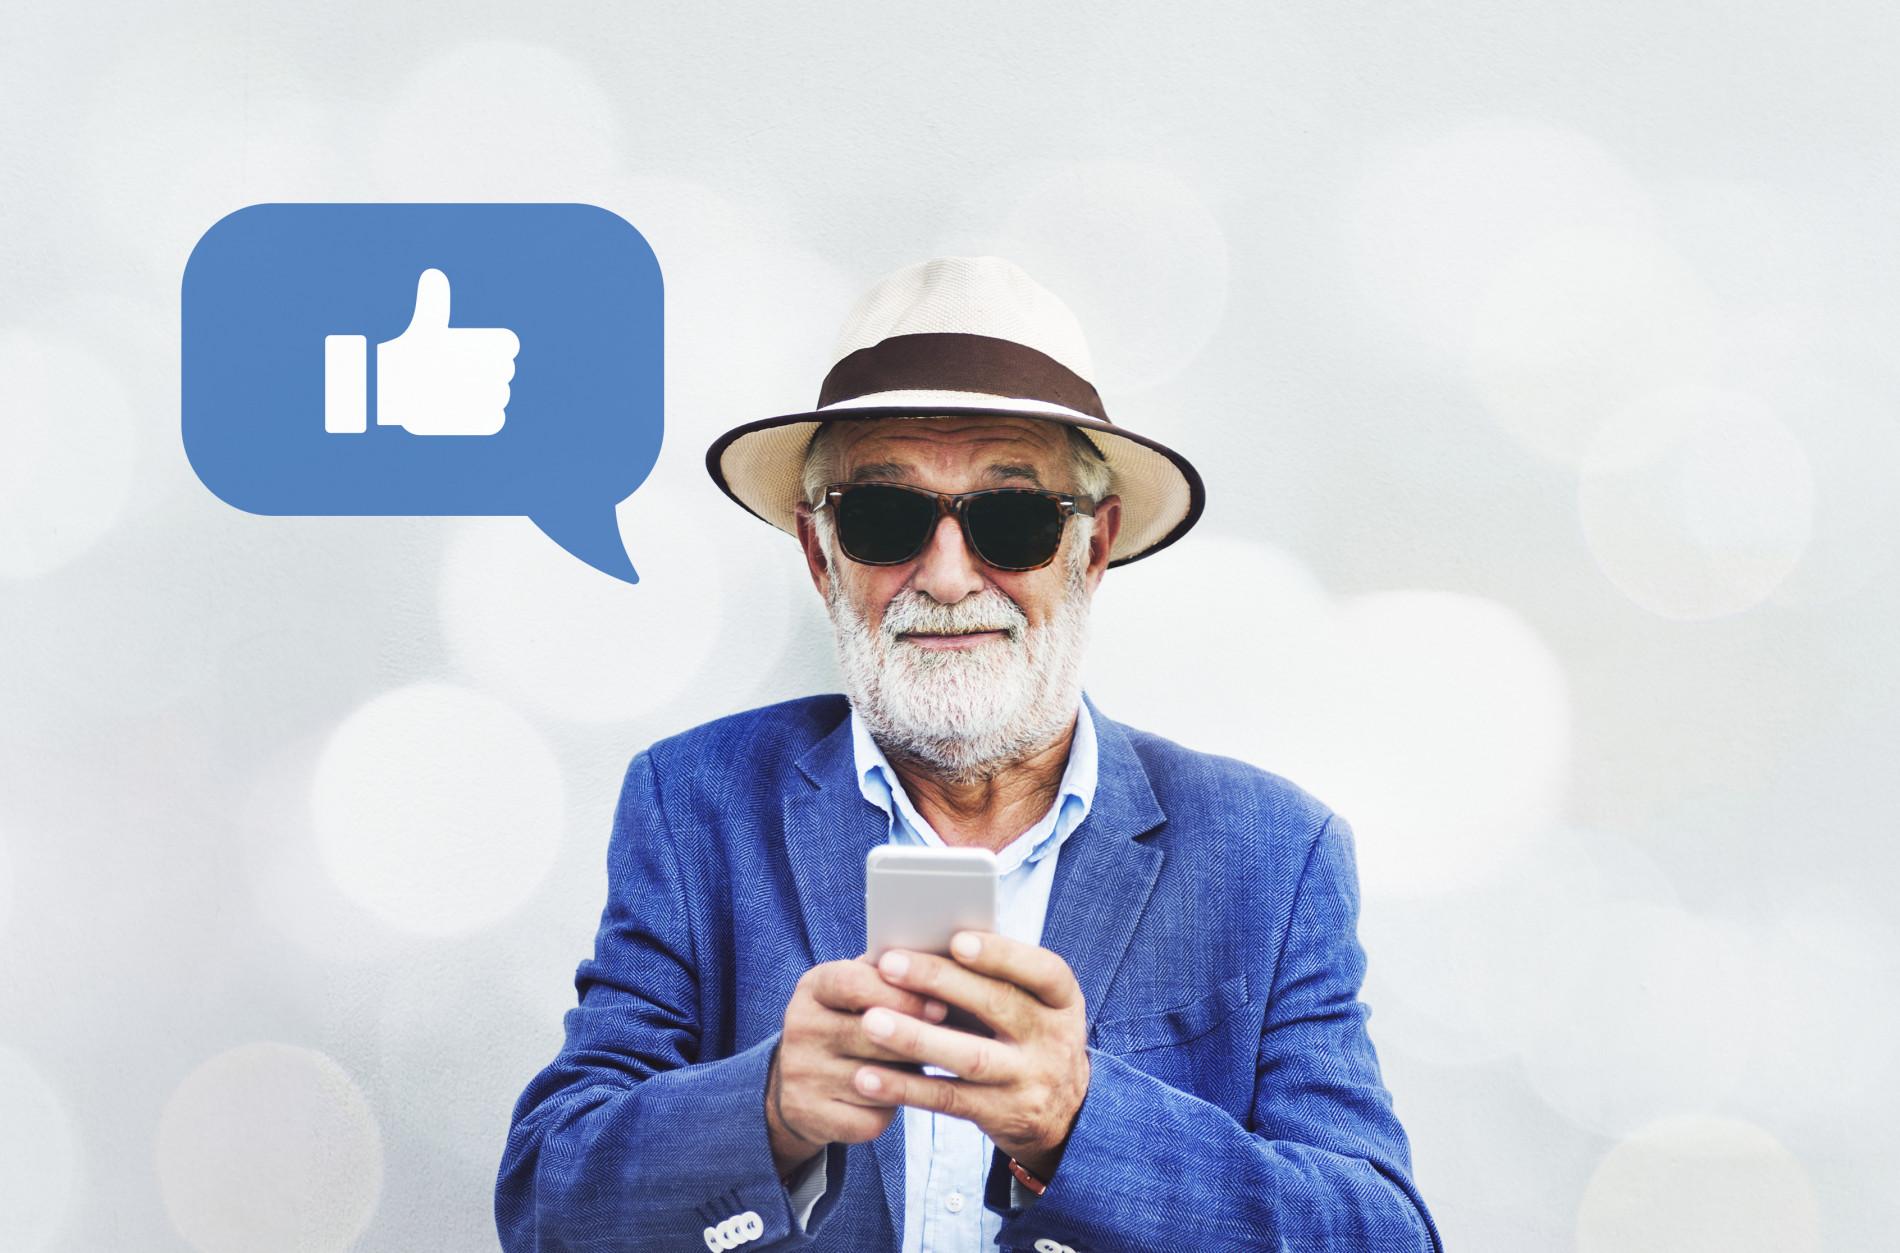 réseaux sociaux facebook autonomie